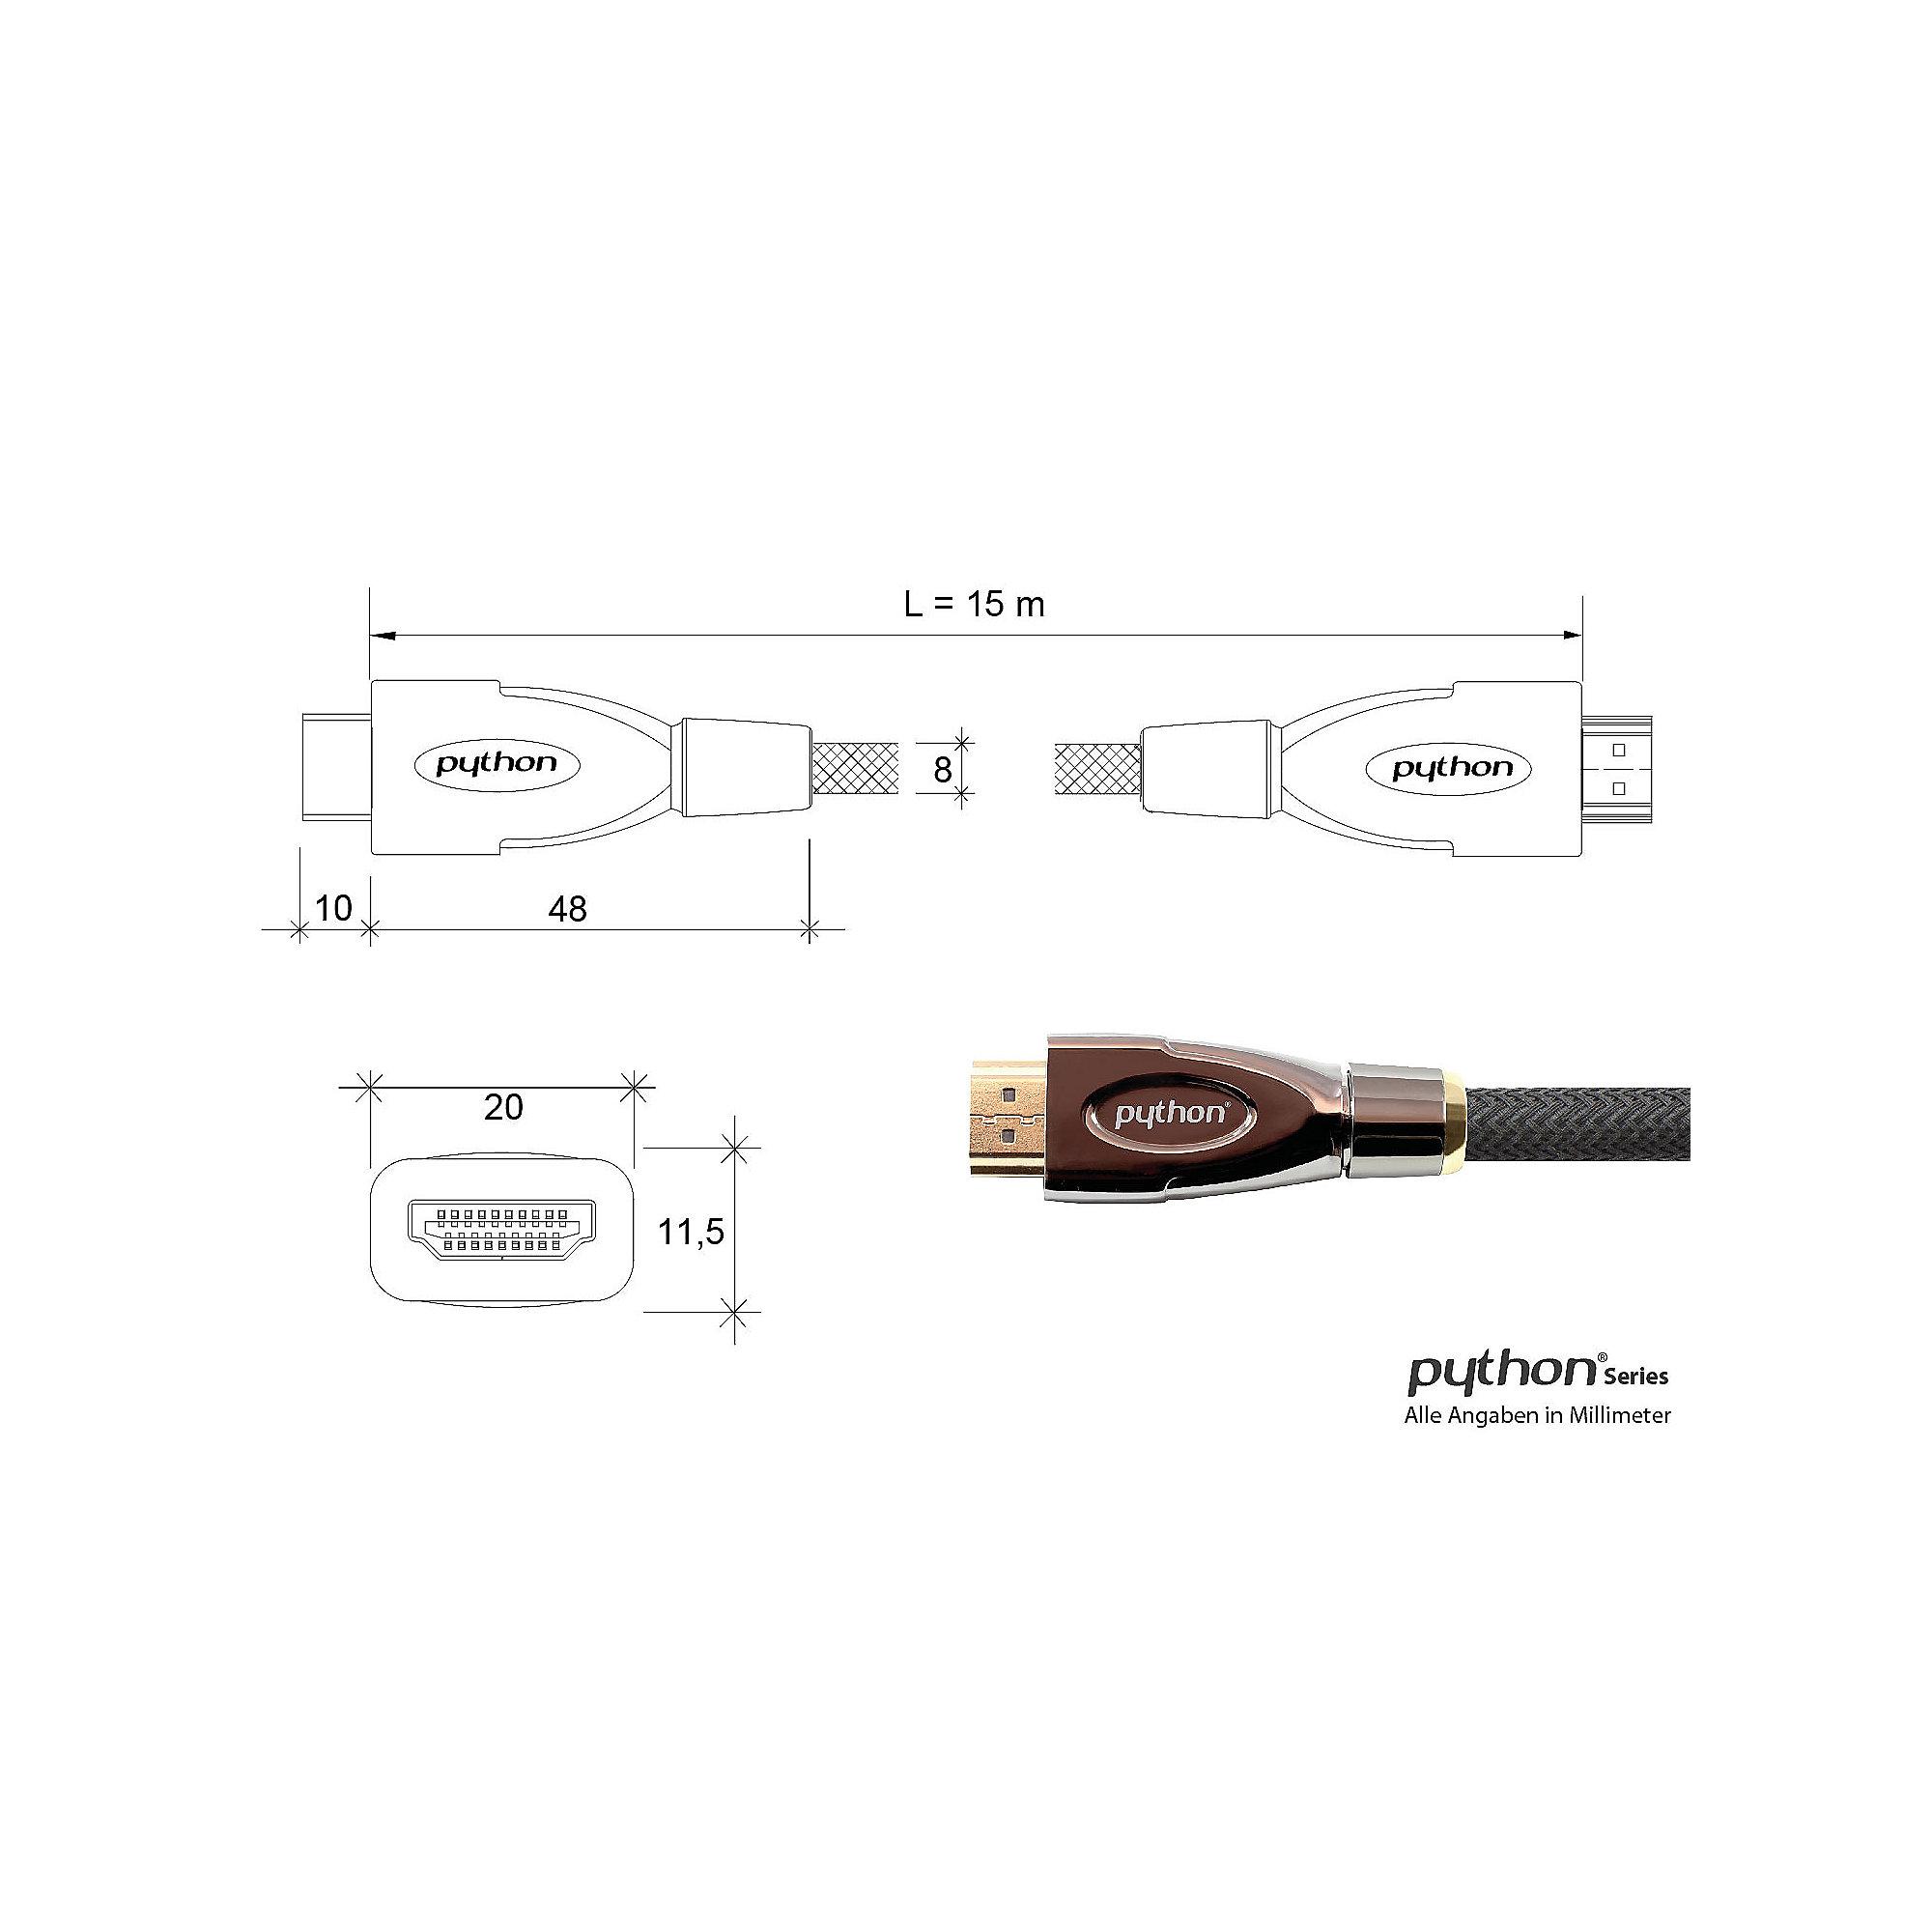 PYTHON HDMI 2.0 Kabel 15m Ethernet 4K*2K UHD aktiv vergoldet OFC ...